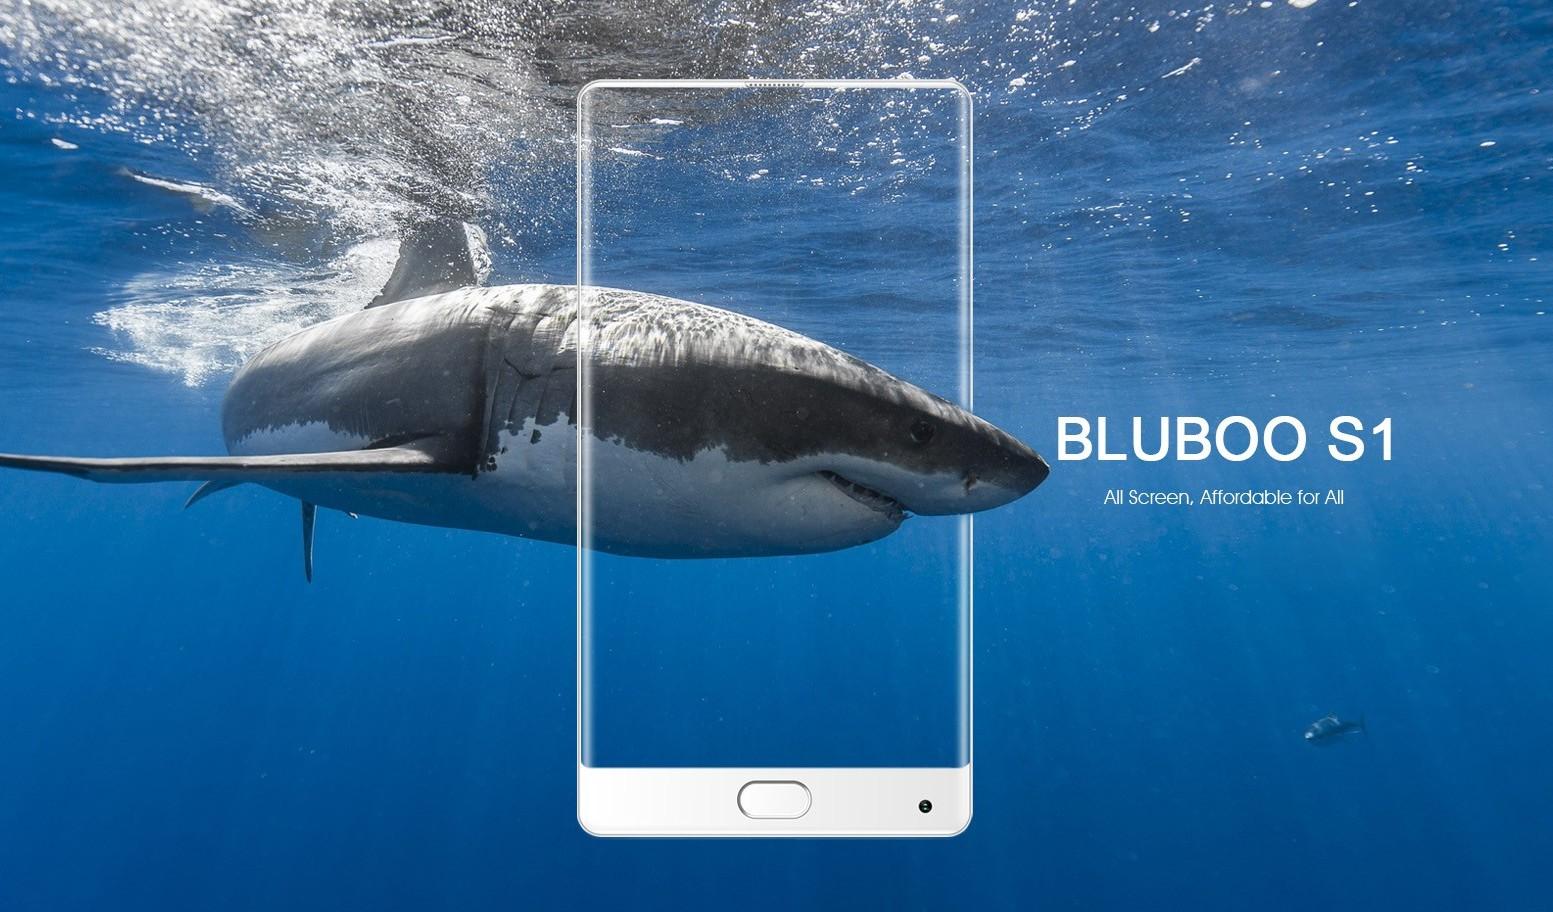 Компания BLUBOO представила бюджетный безрамочный телефон BLUBOO S1